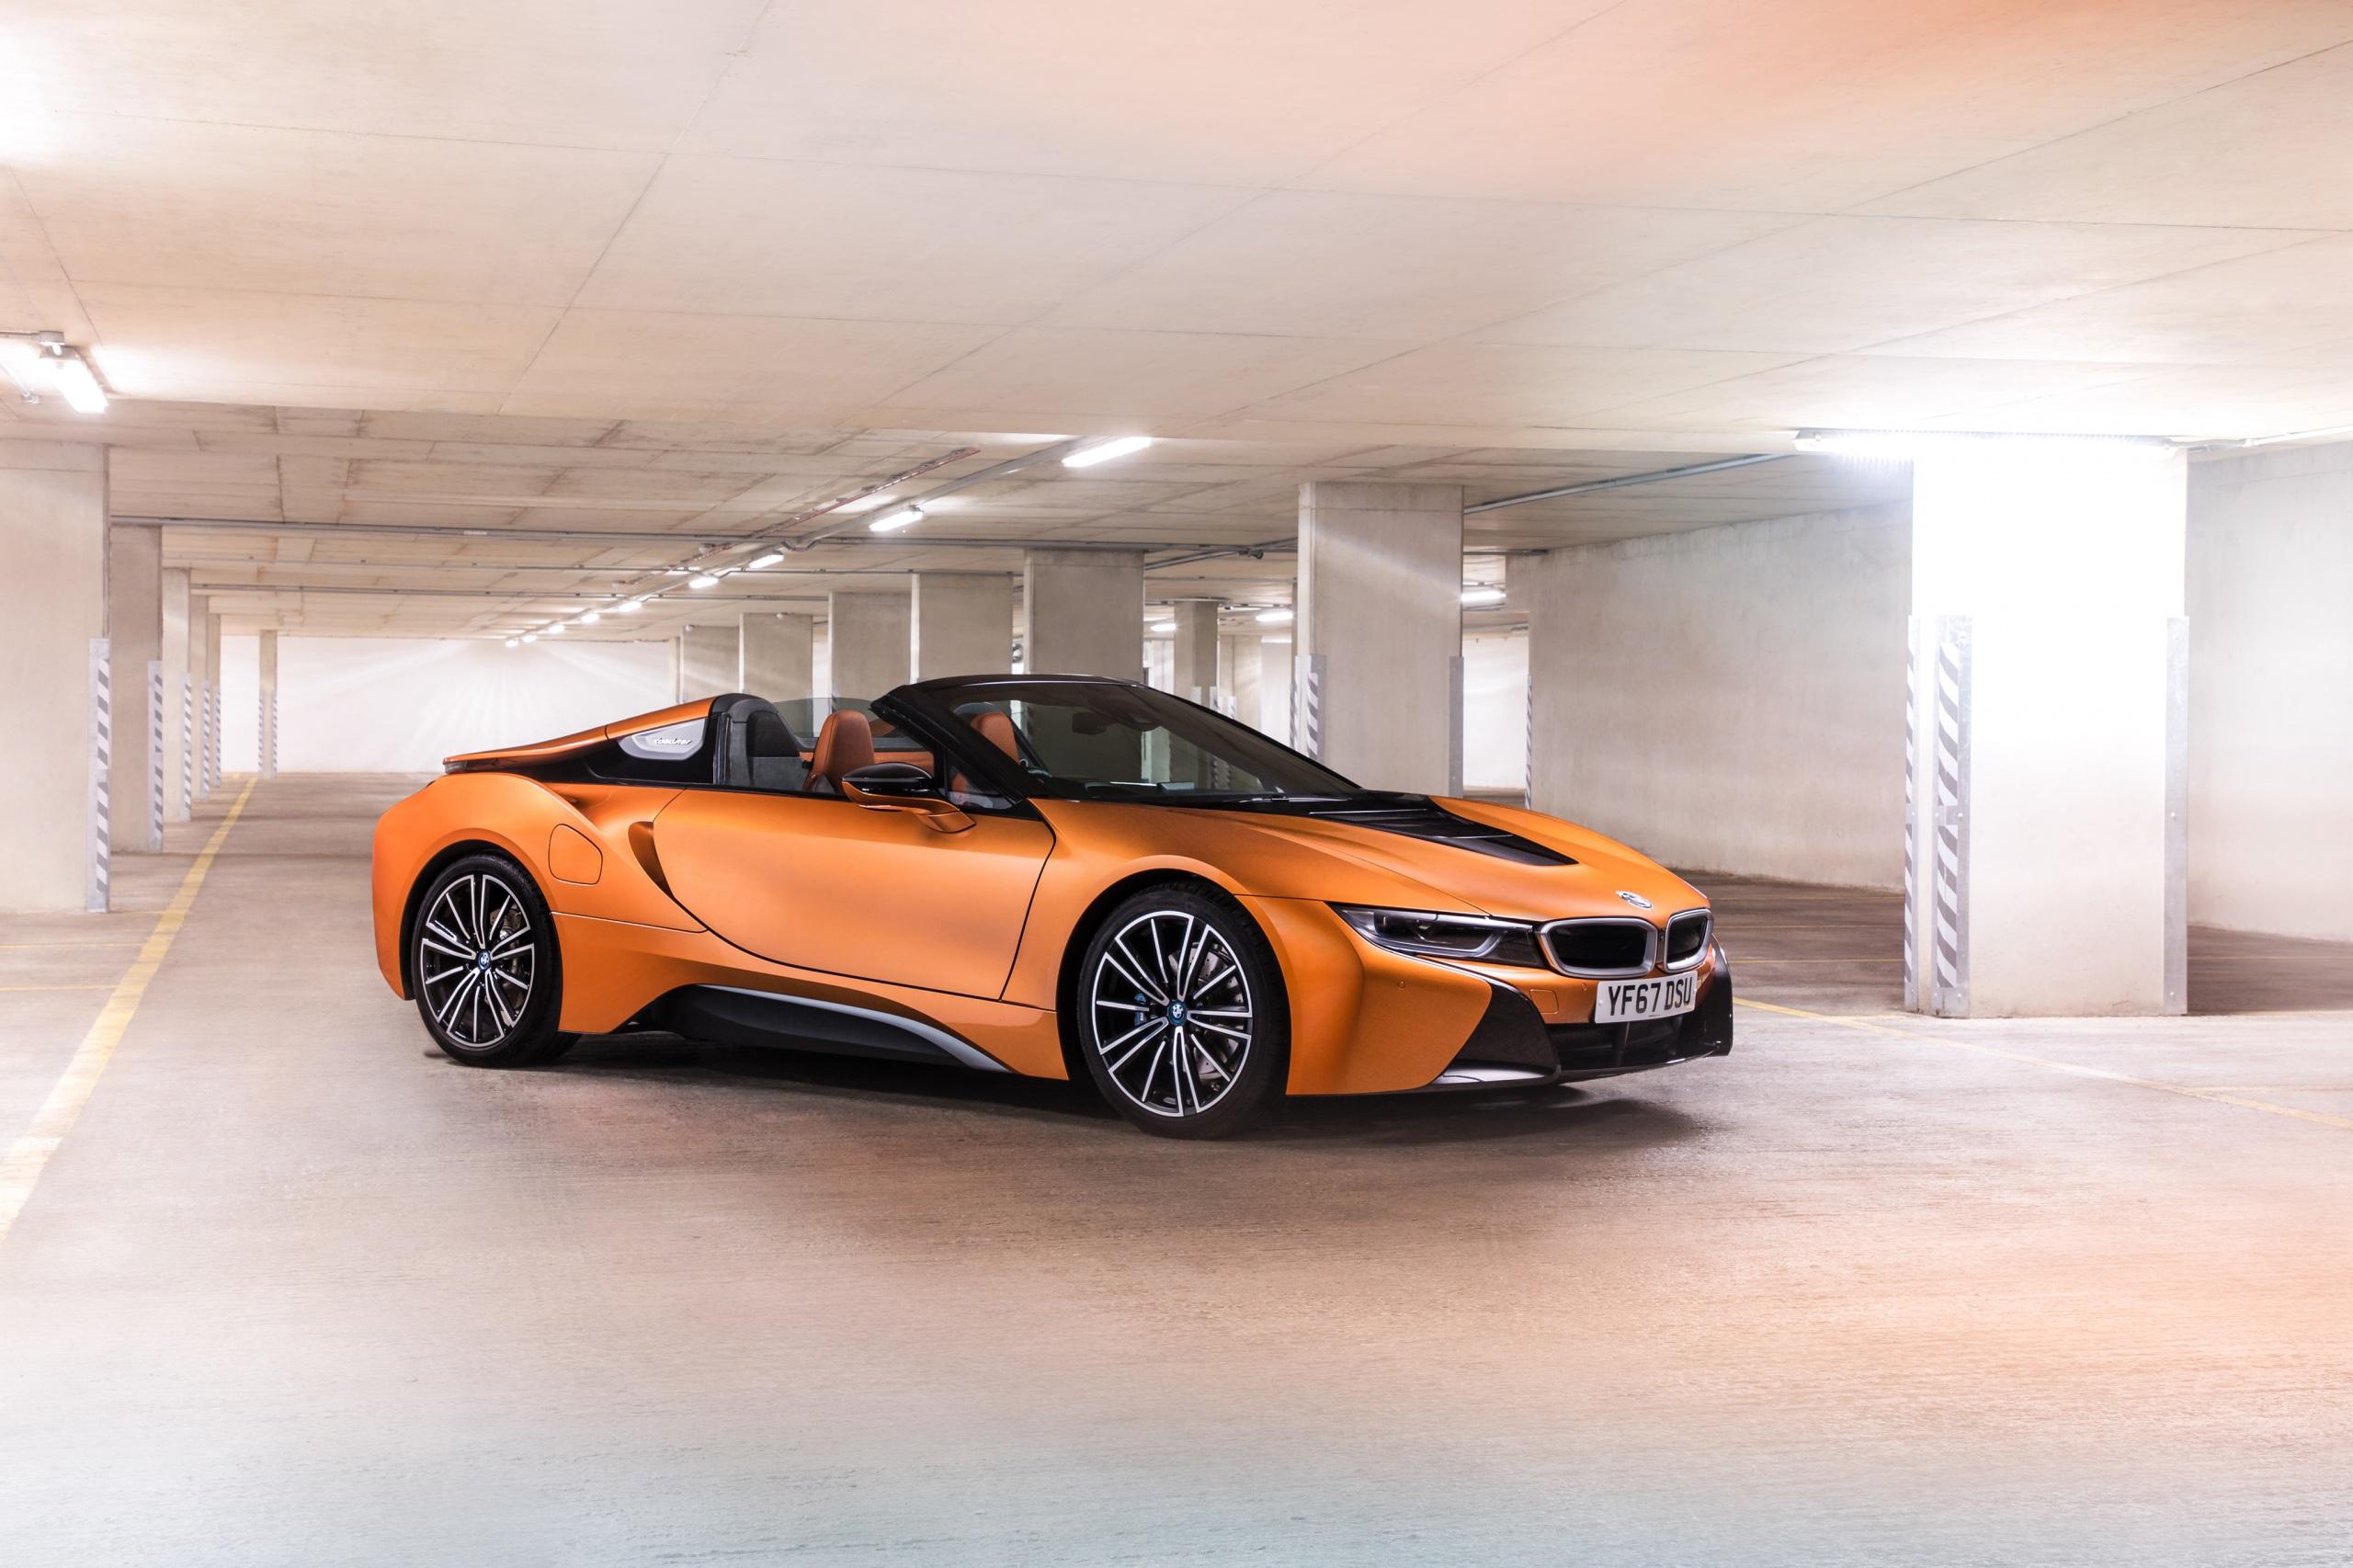 Фото BMW 2018 i8 Roadster Родстер Оранжевый авто 2560x1706 БМВ оранжевых оранжевые оранжевая машина машины автомобиль Автомобили